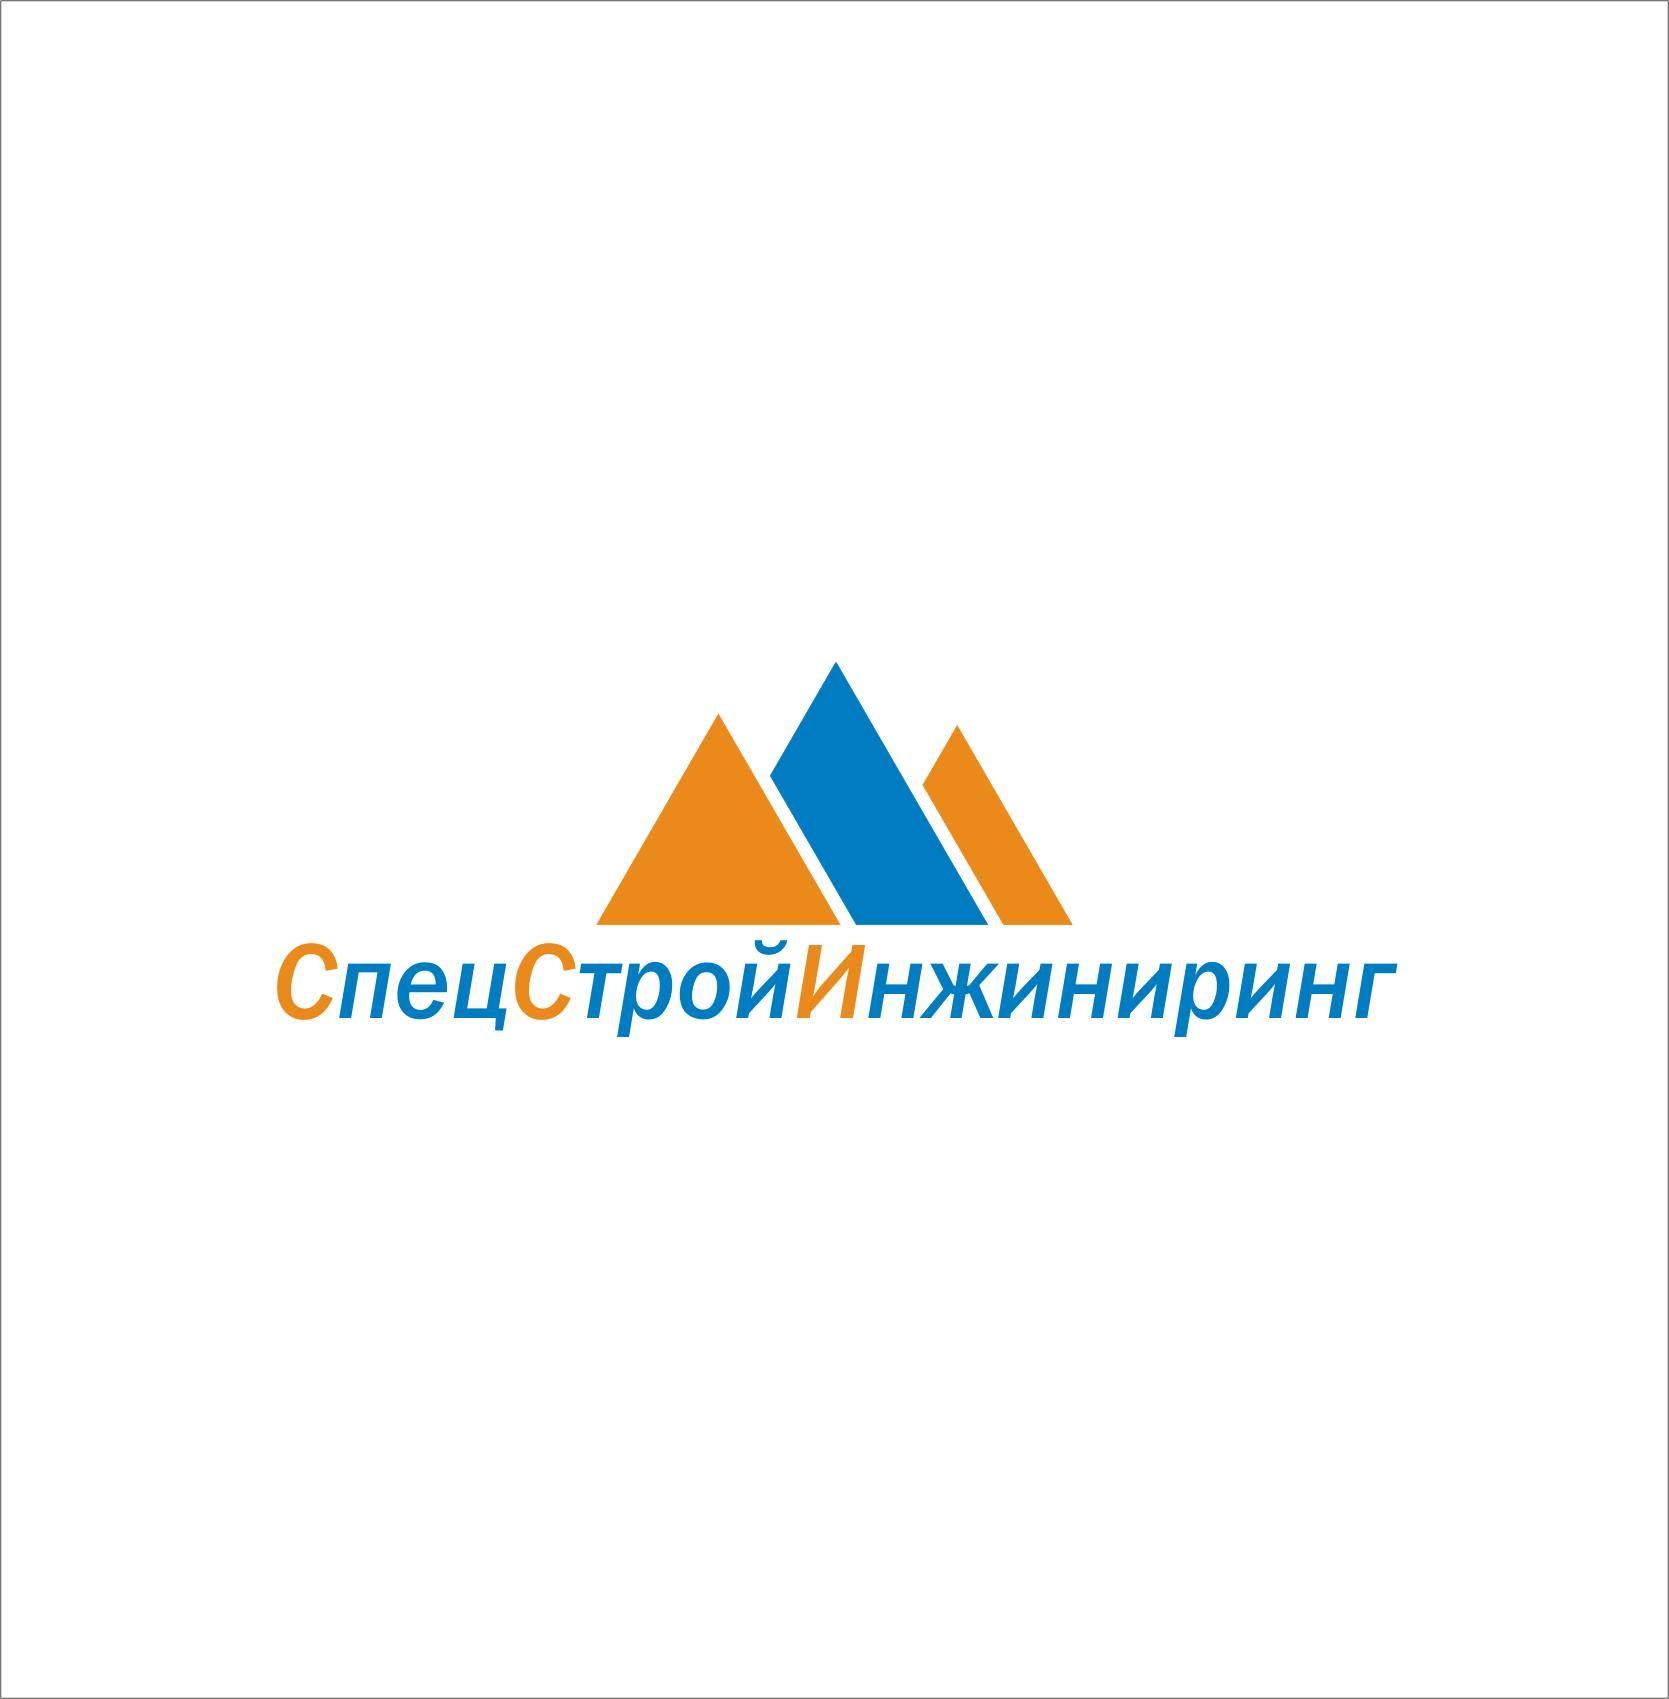 Логотип для строительной компании - дизайнер Muzaxxib